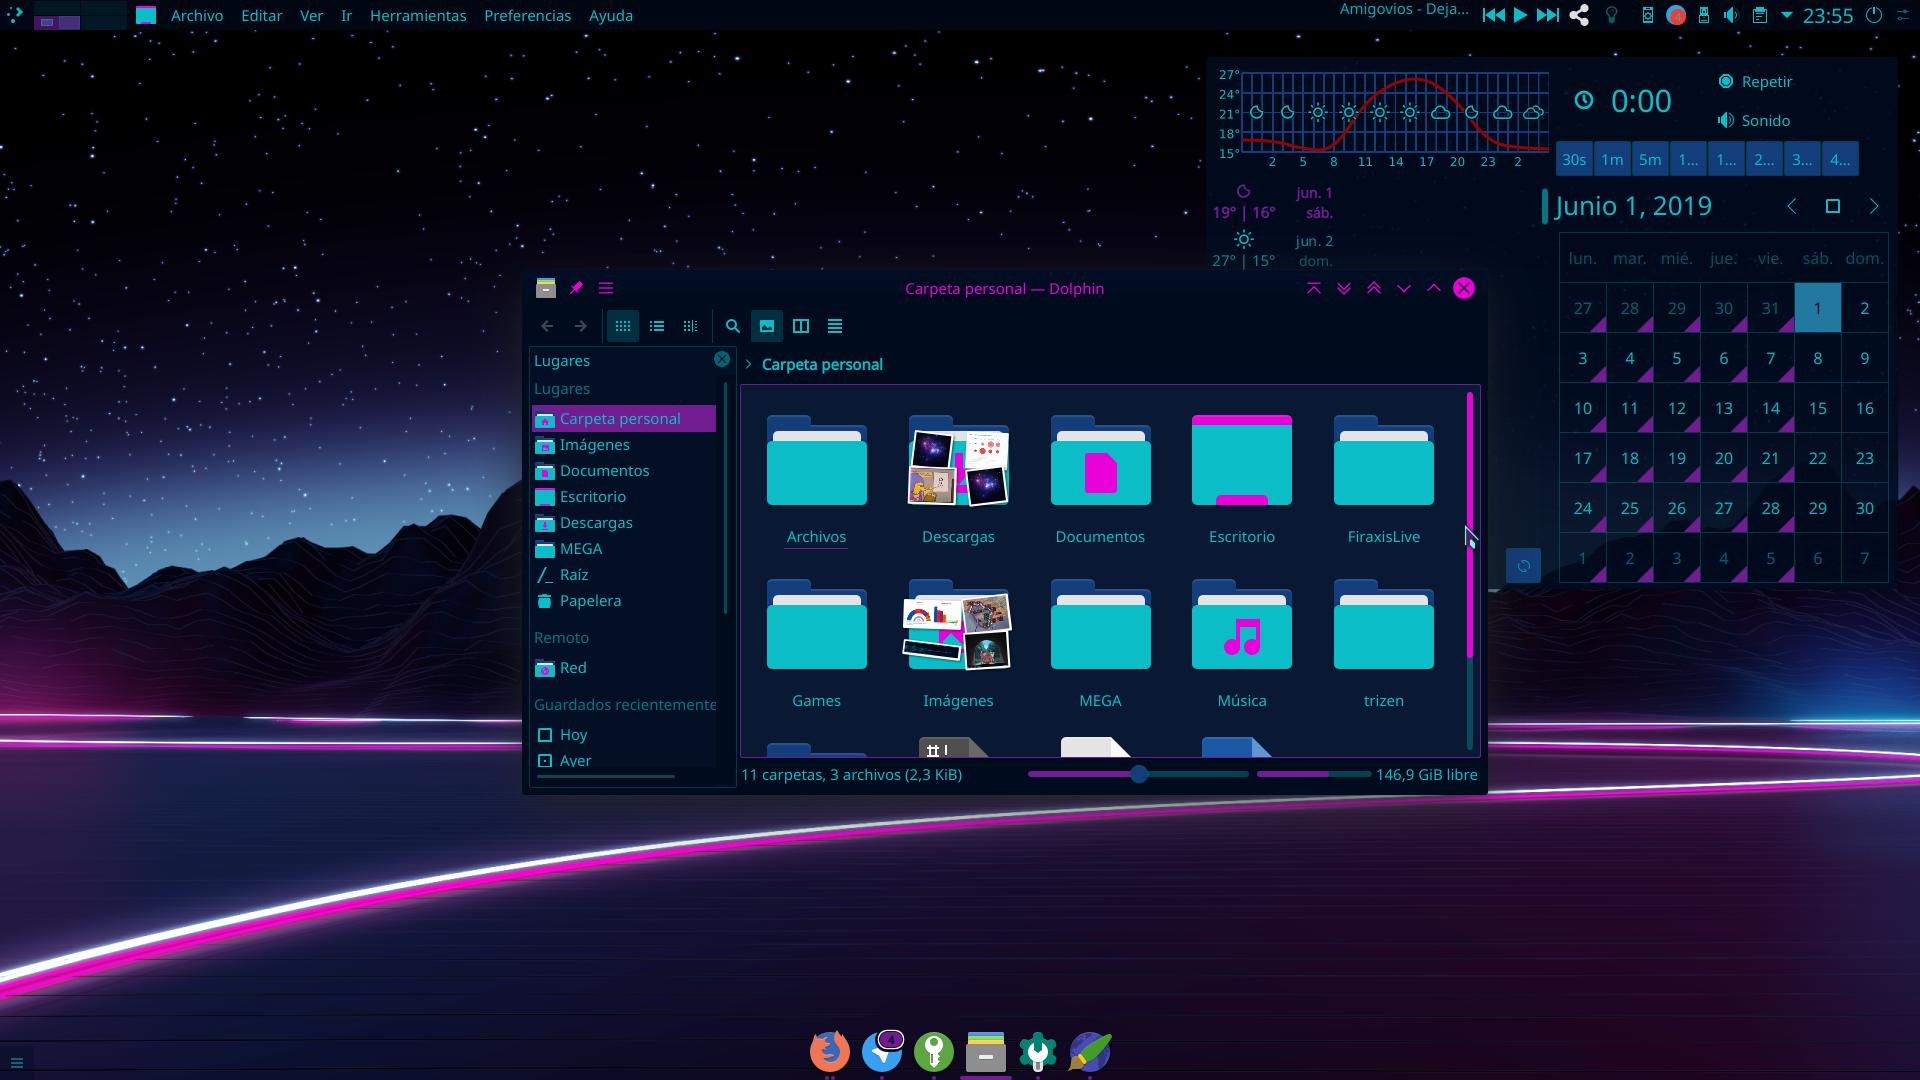 Download Cyberpunk Neon Theme for Ubuntu